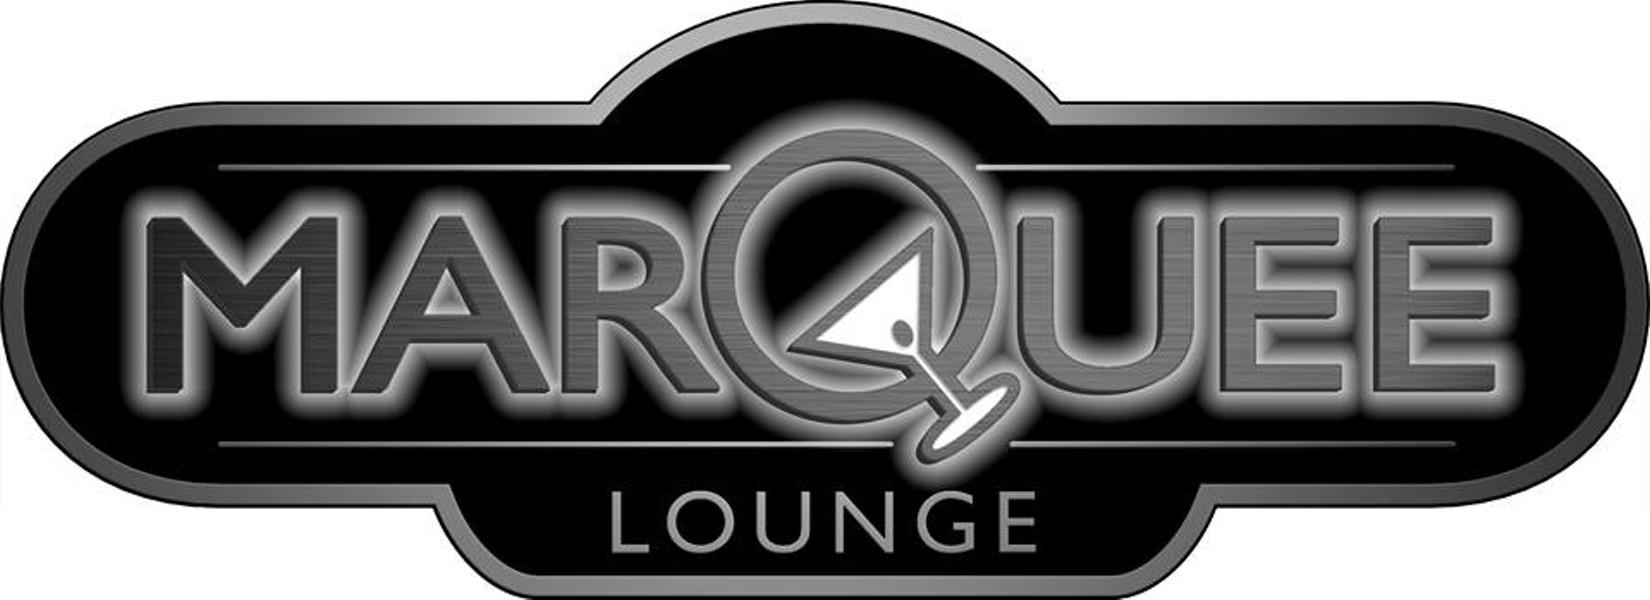 marquee_logo.jpg